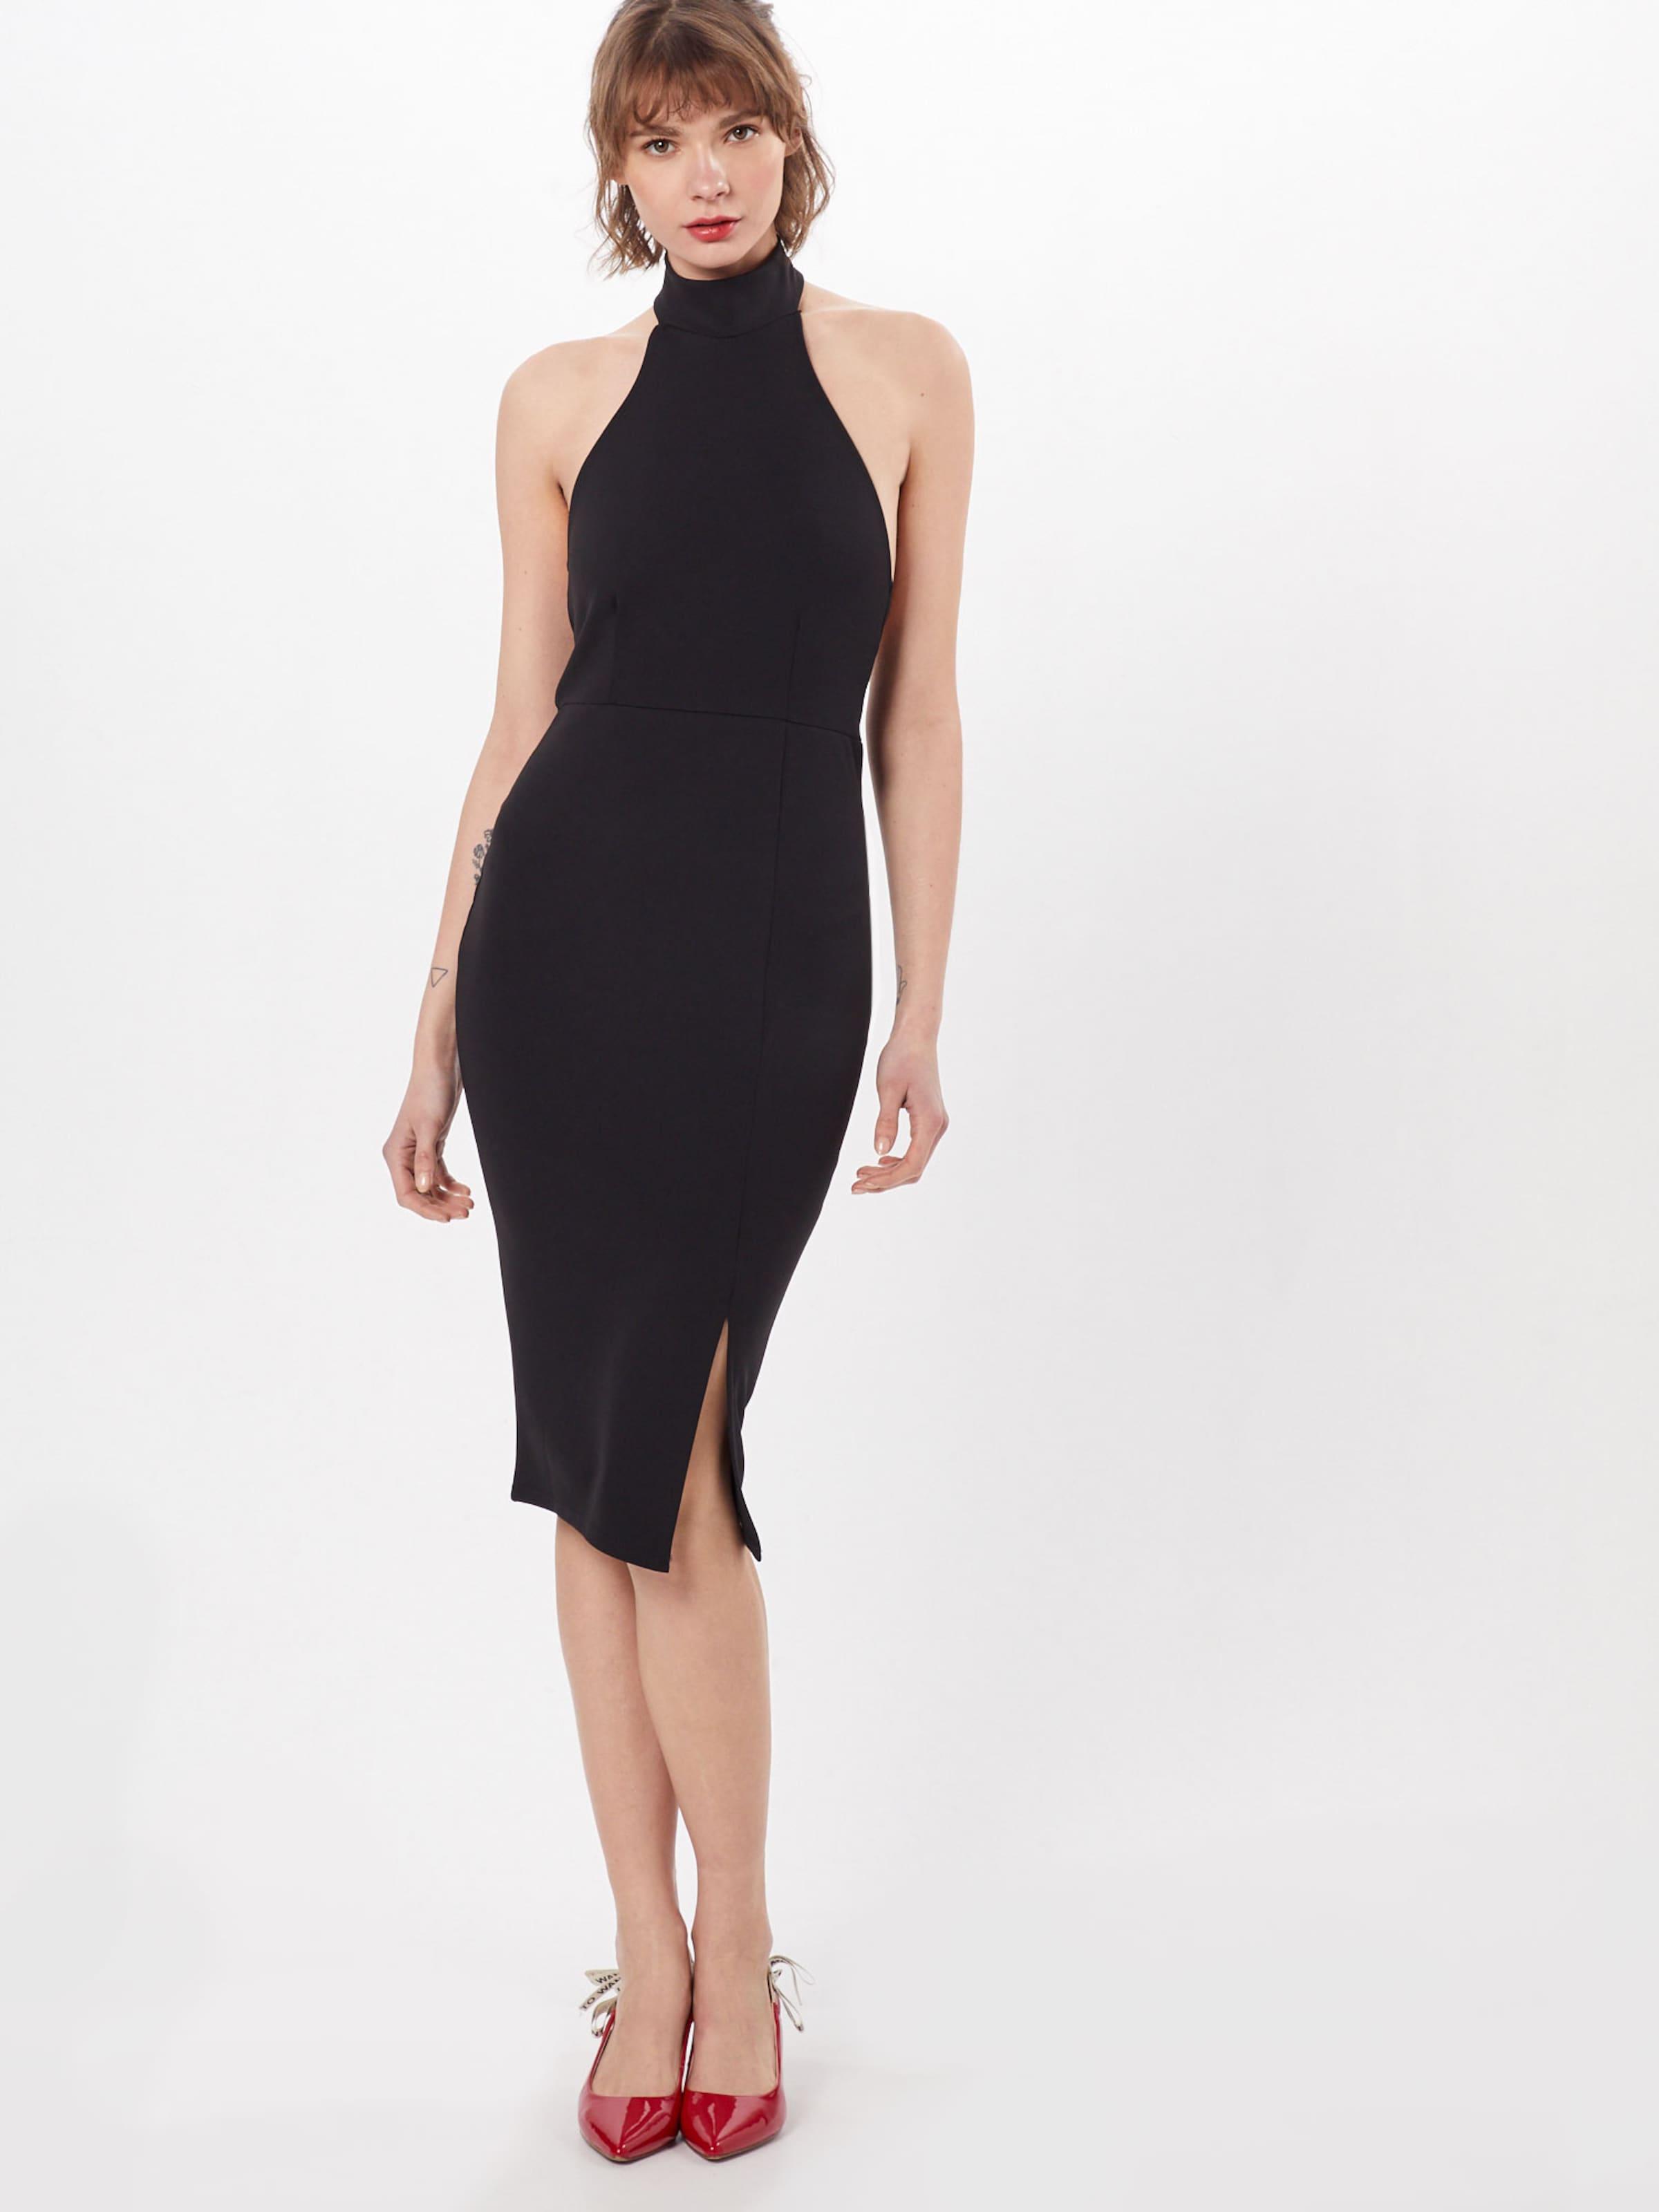 Kleid In 'choker' Kleid Schwarz Missguided Missguided 'choker' Missguided Kleid In Schwarz WYEHID29